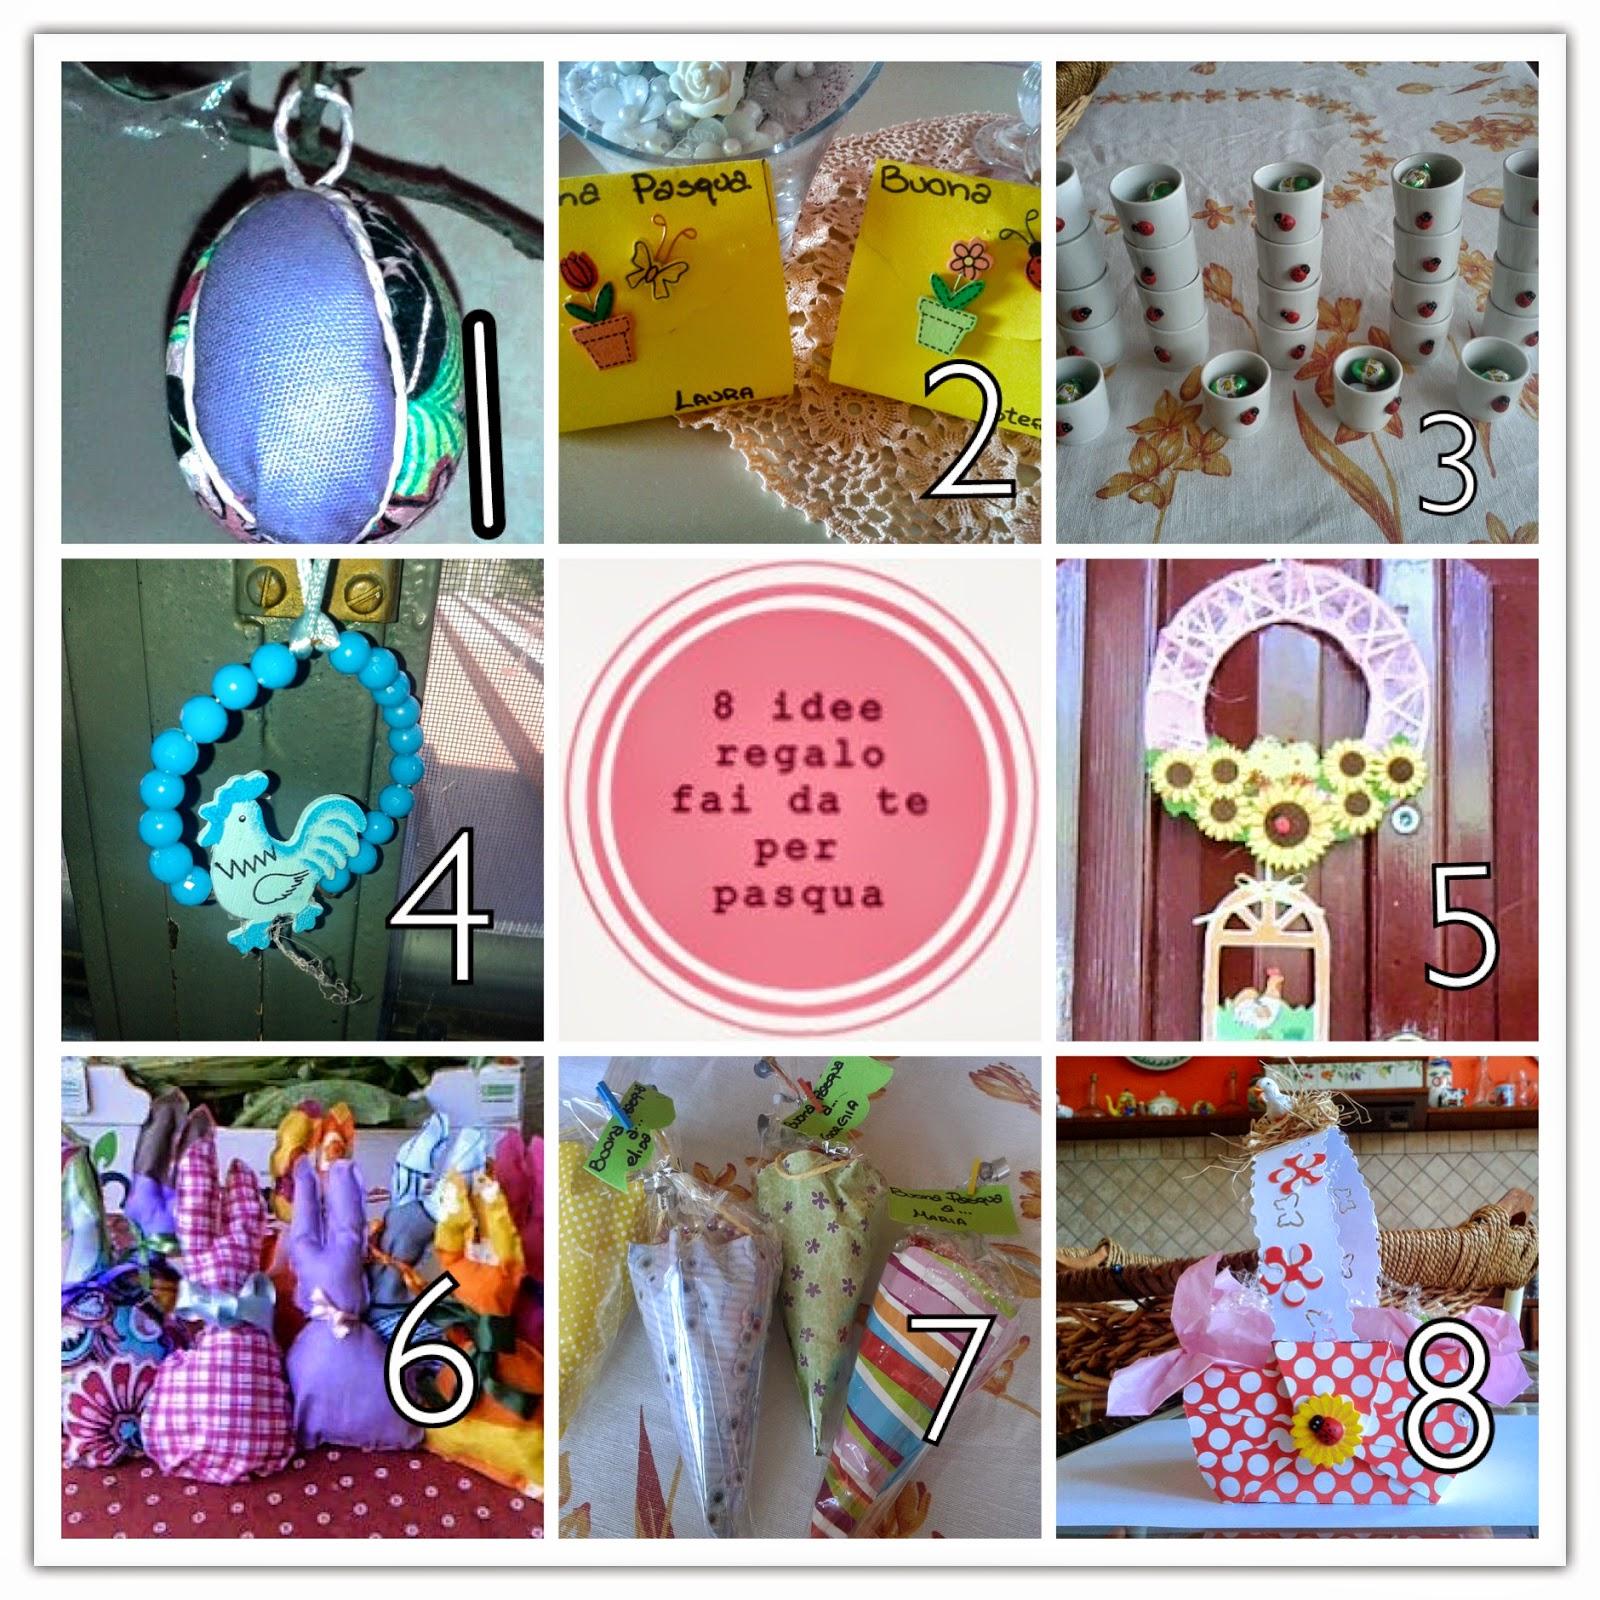 Soraya 39 s laboratory 8 idee regalo fai da te per pasqua for Idee fai da te